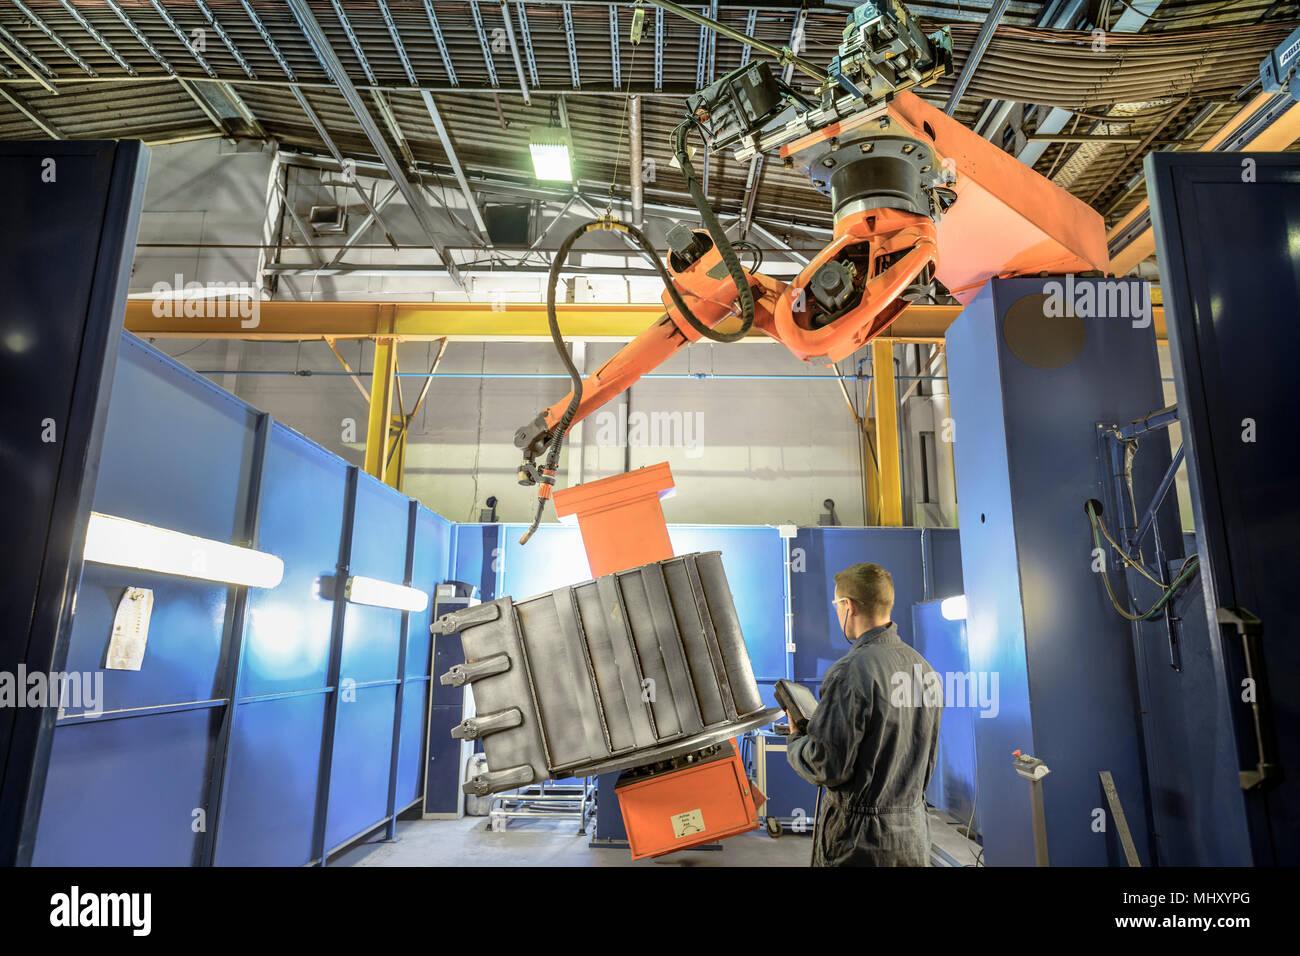 Ingegnere con robot saldatore nella fabbrica di ingegneria Immagini Stock